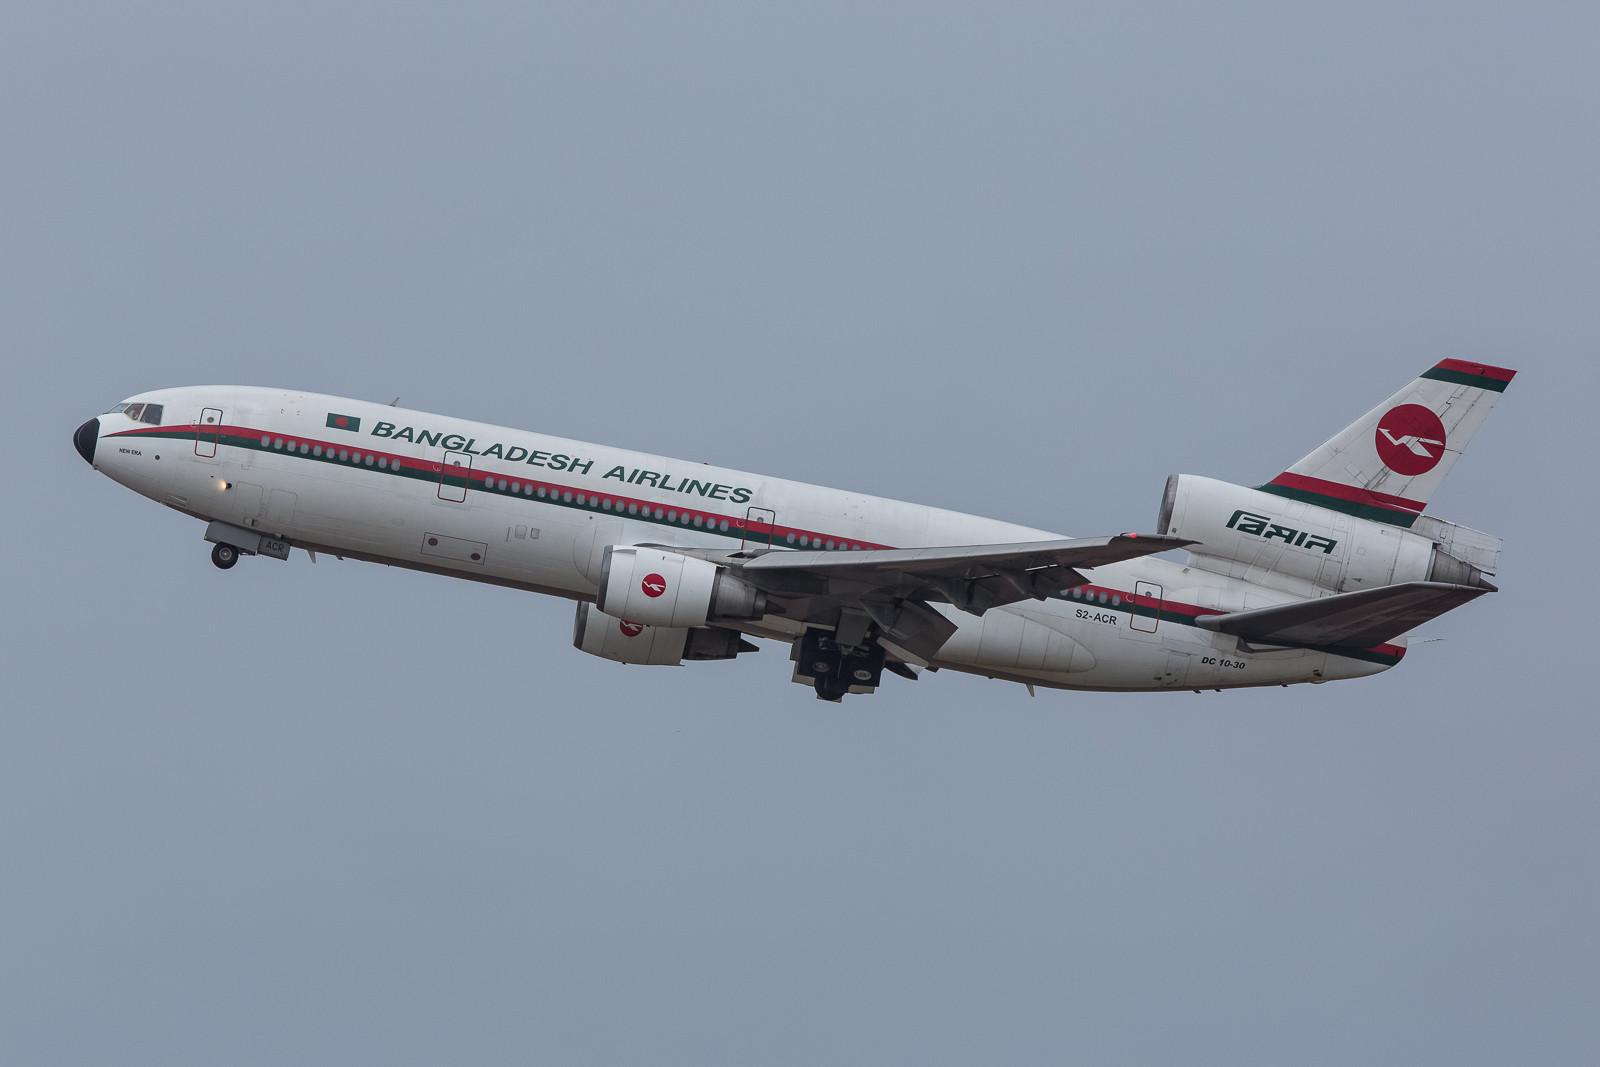 Mein erstes Bild der S2-ACR nach der Landung.